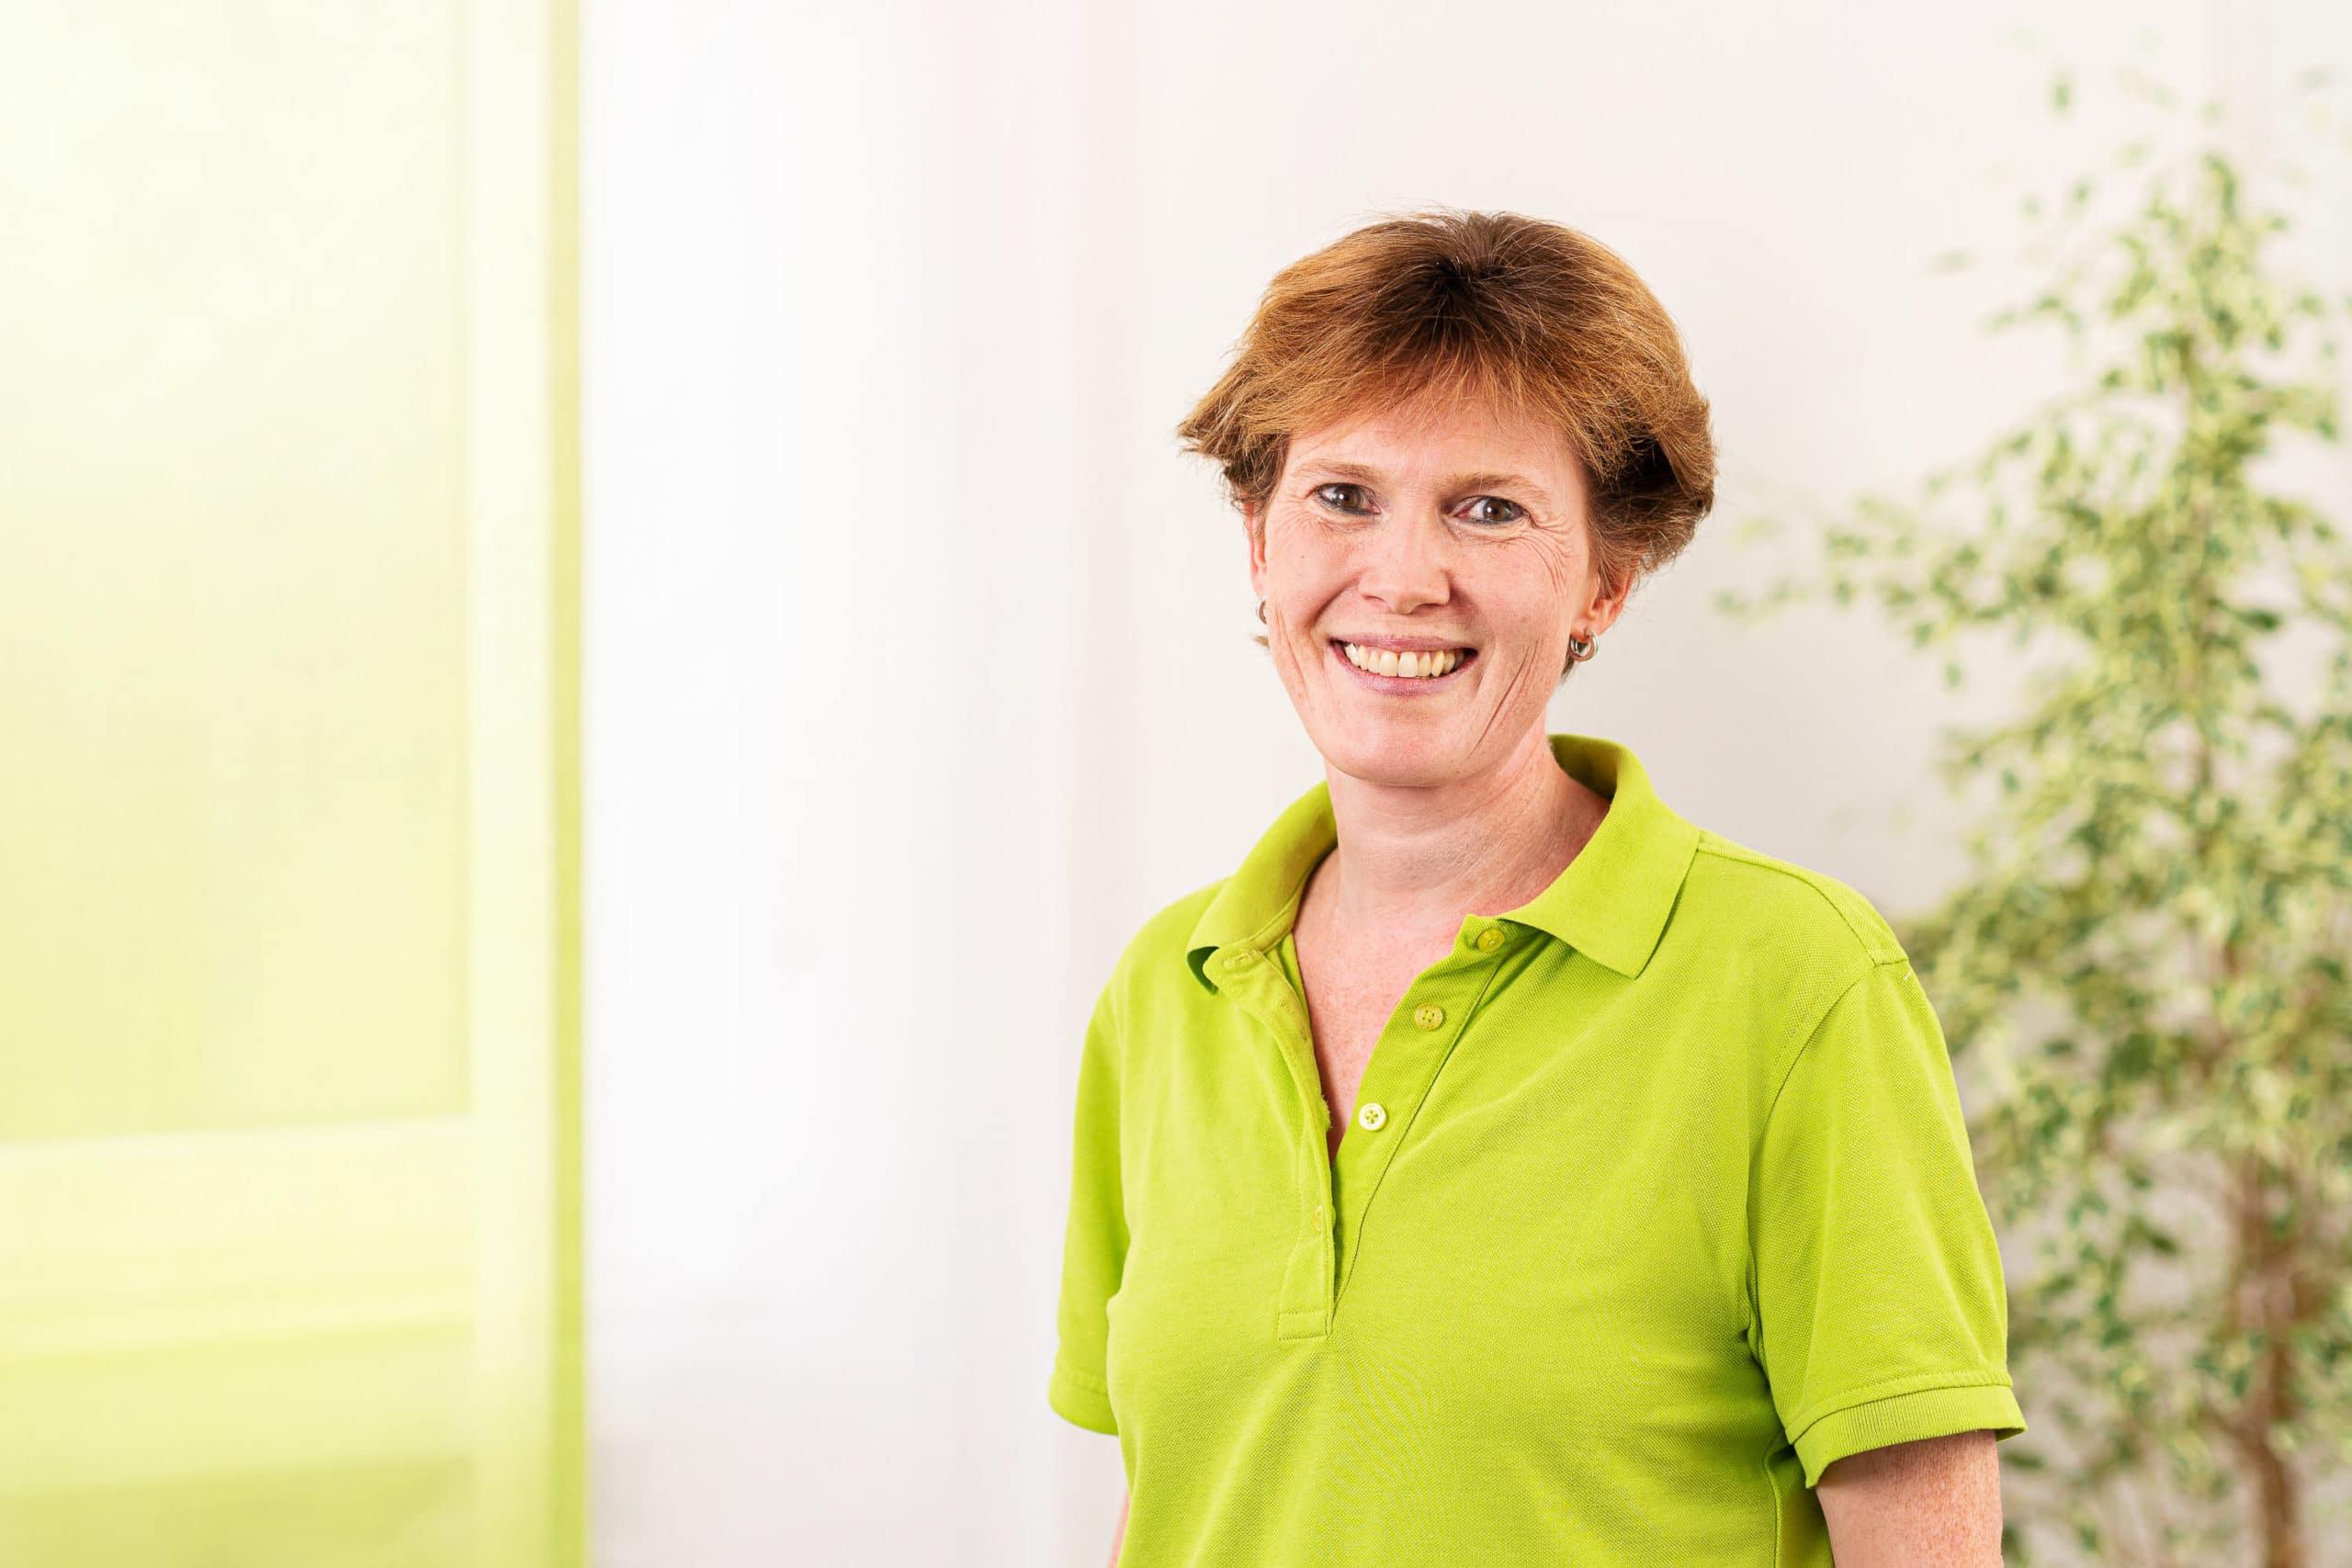 Freundliches Mitarbeiterfoto einer Angestellten eines Arztpraxis |Unternehmensfotograf in der Region Osnabrück Münster Bielefeld für Mitarbeiterfotografie